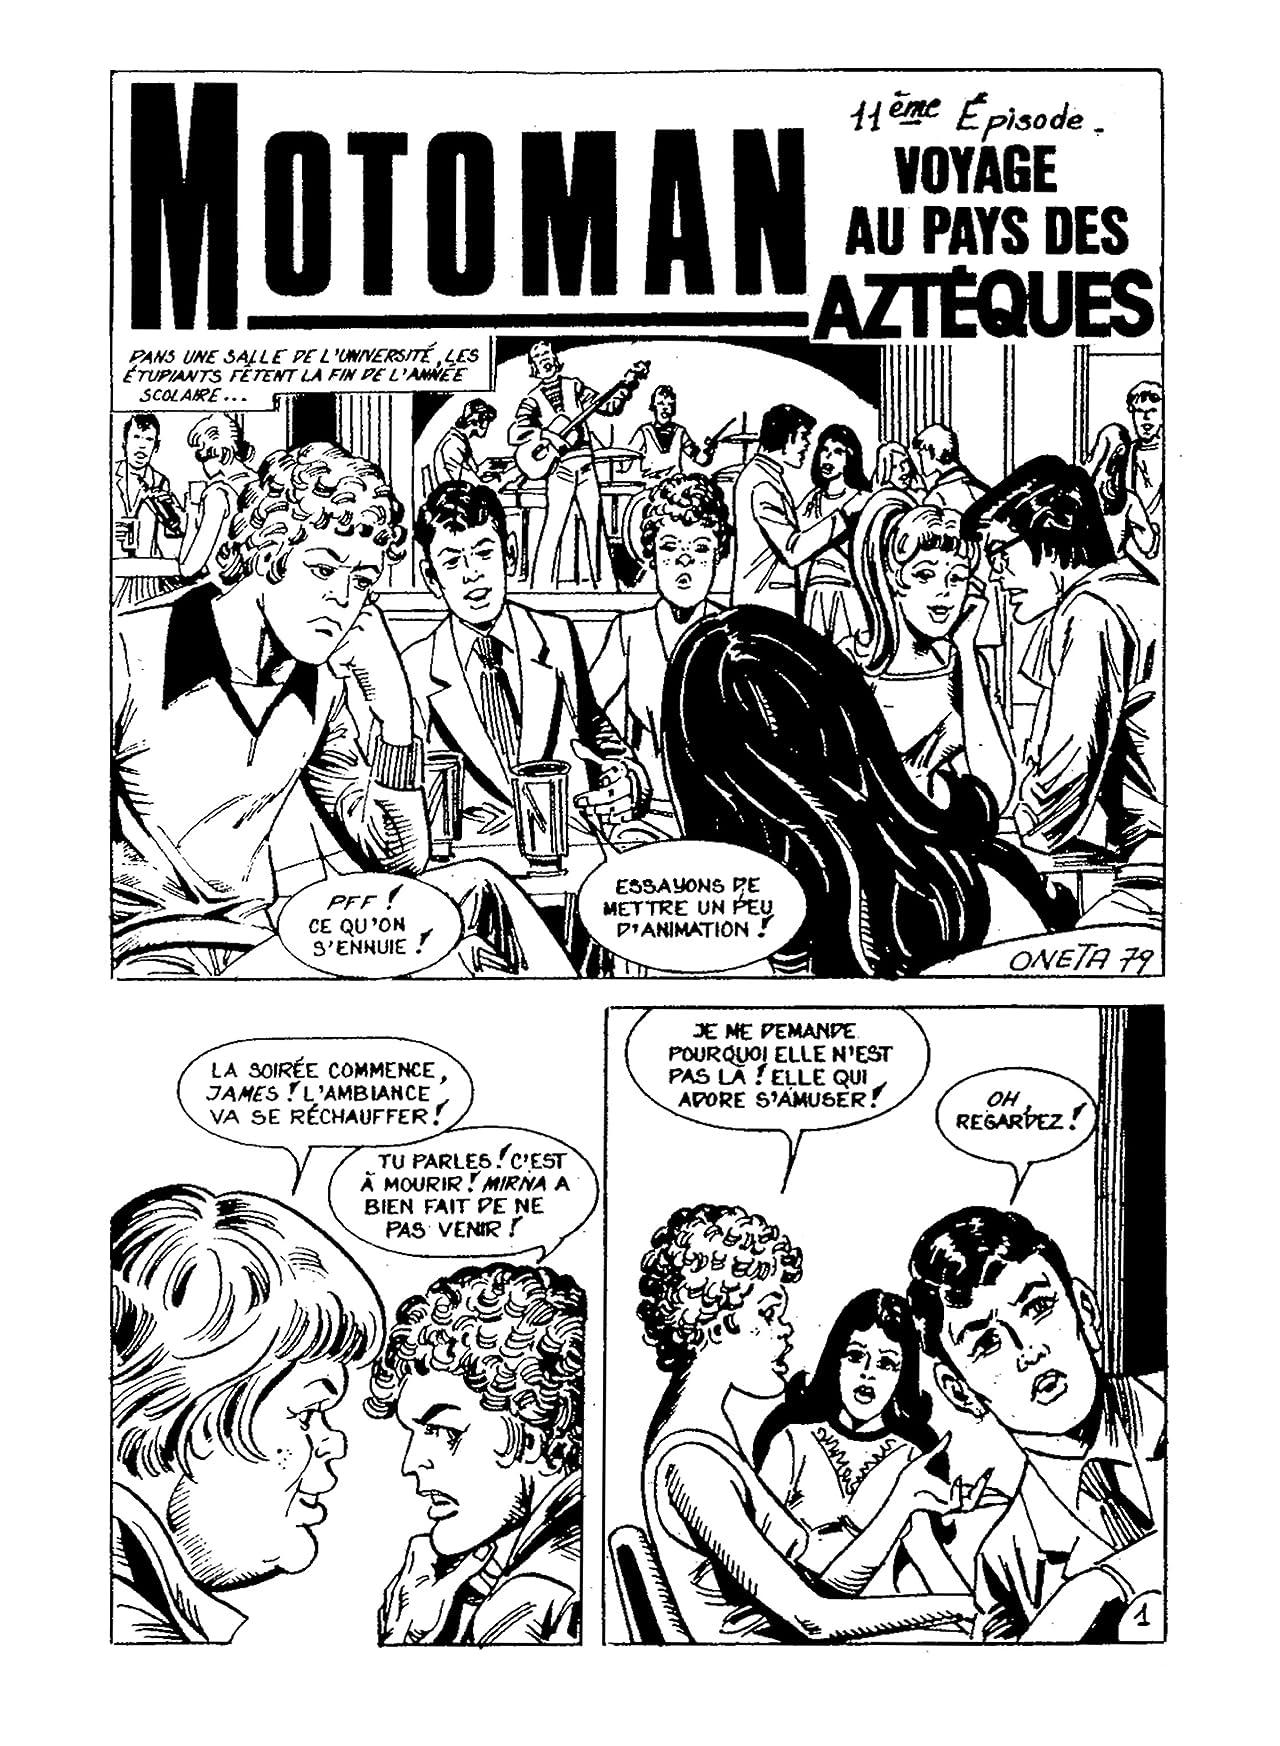 MOTOMAN Vol. 11: Voyage au pays des Azteques